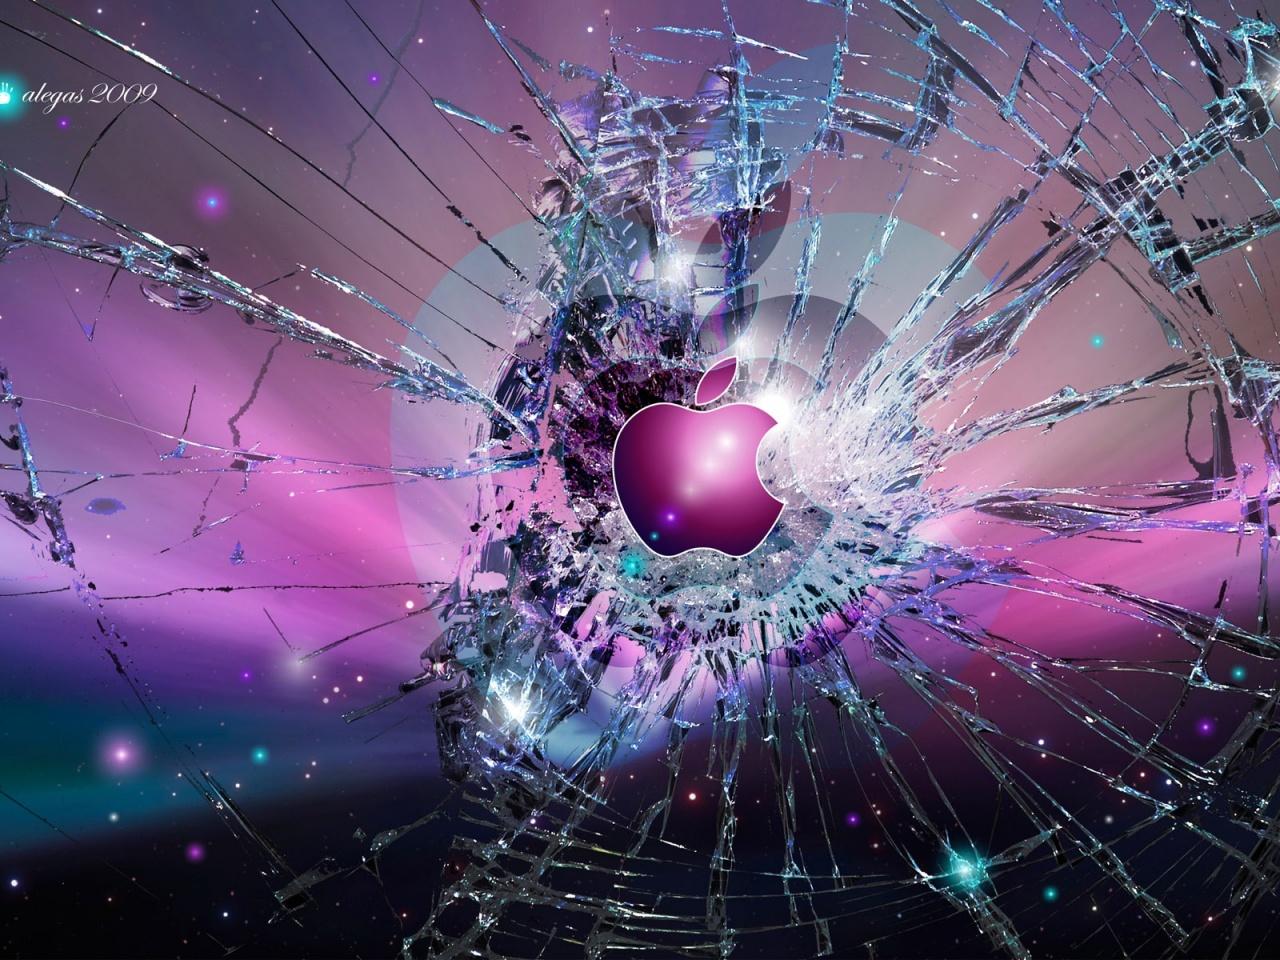 Apple Broken Screen Background Wallpaper Picture 1280x960